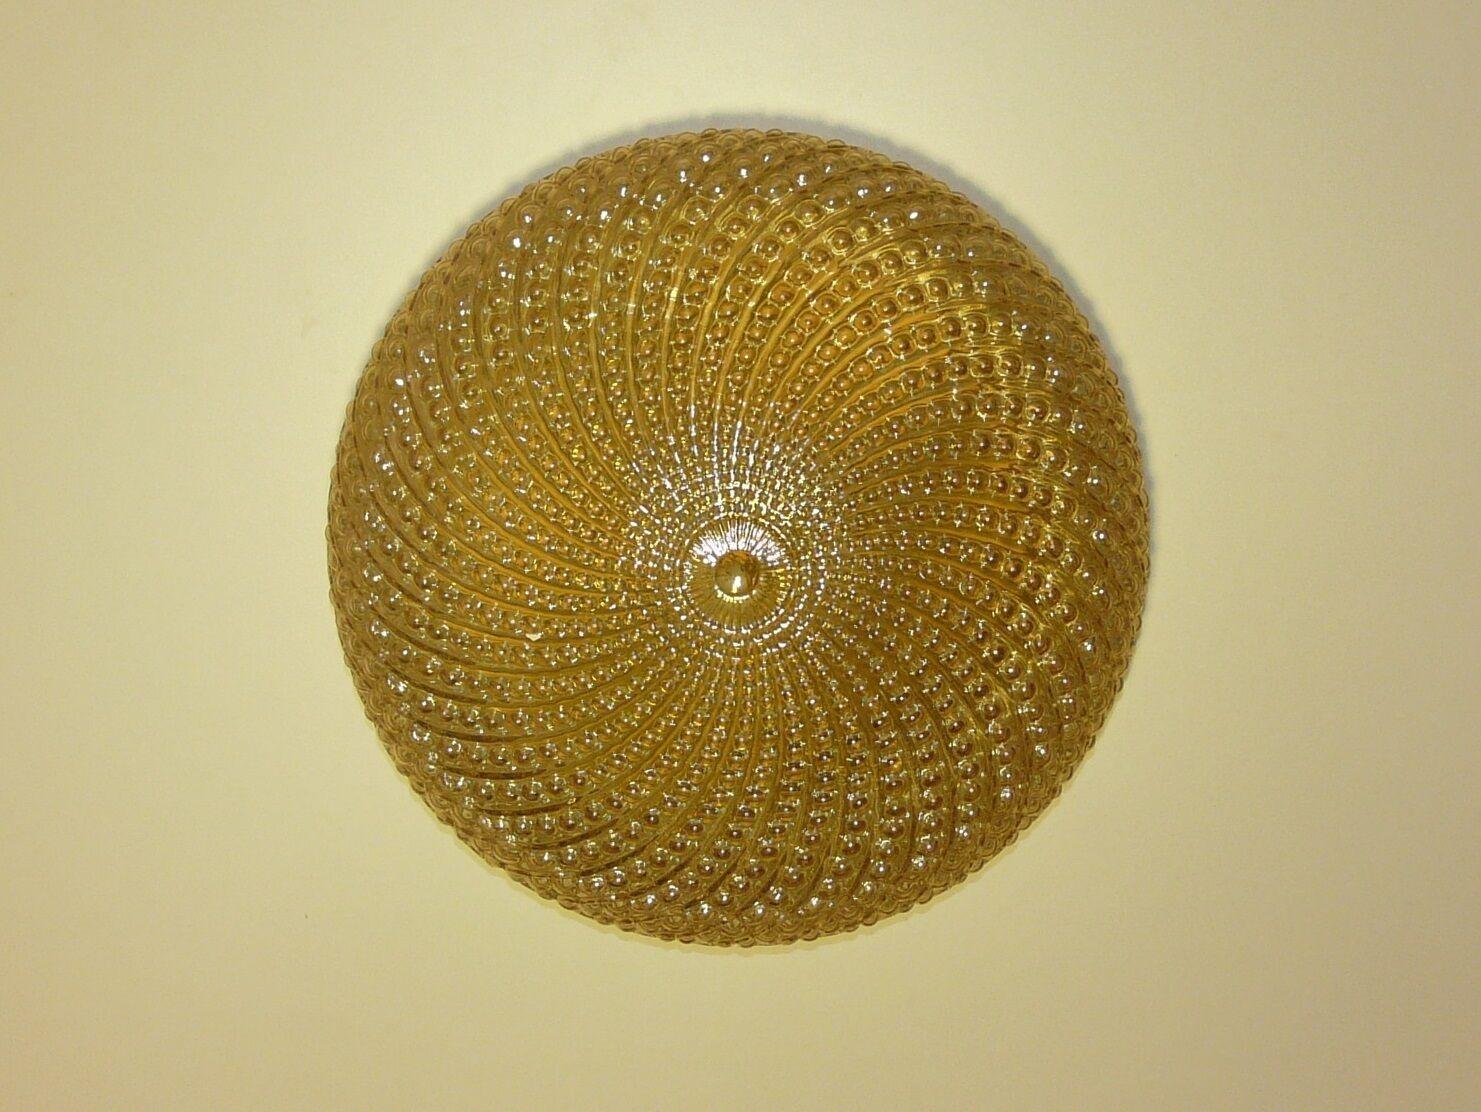 Plafoniere Kristall Antik : Vintage ceiling fixture plafoniere amber brass kaiser